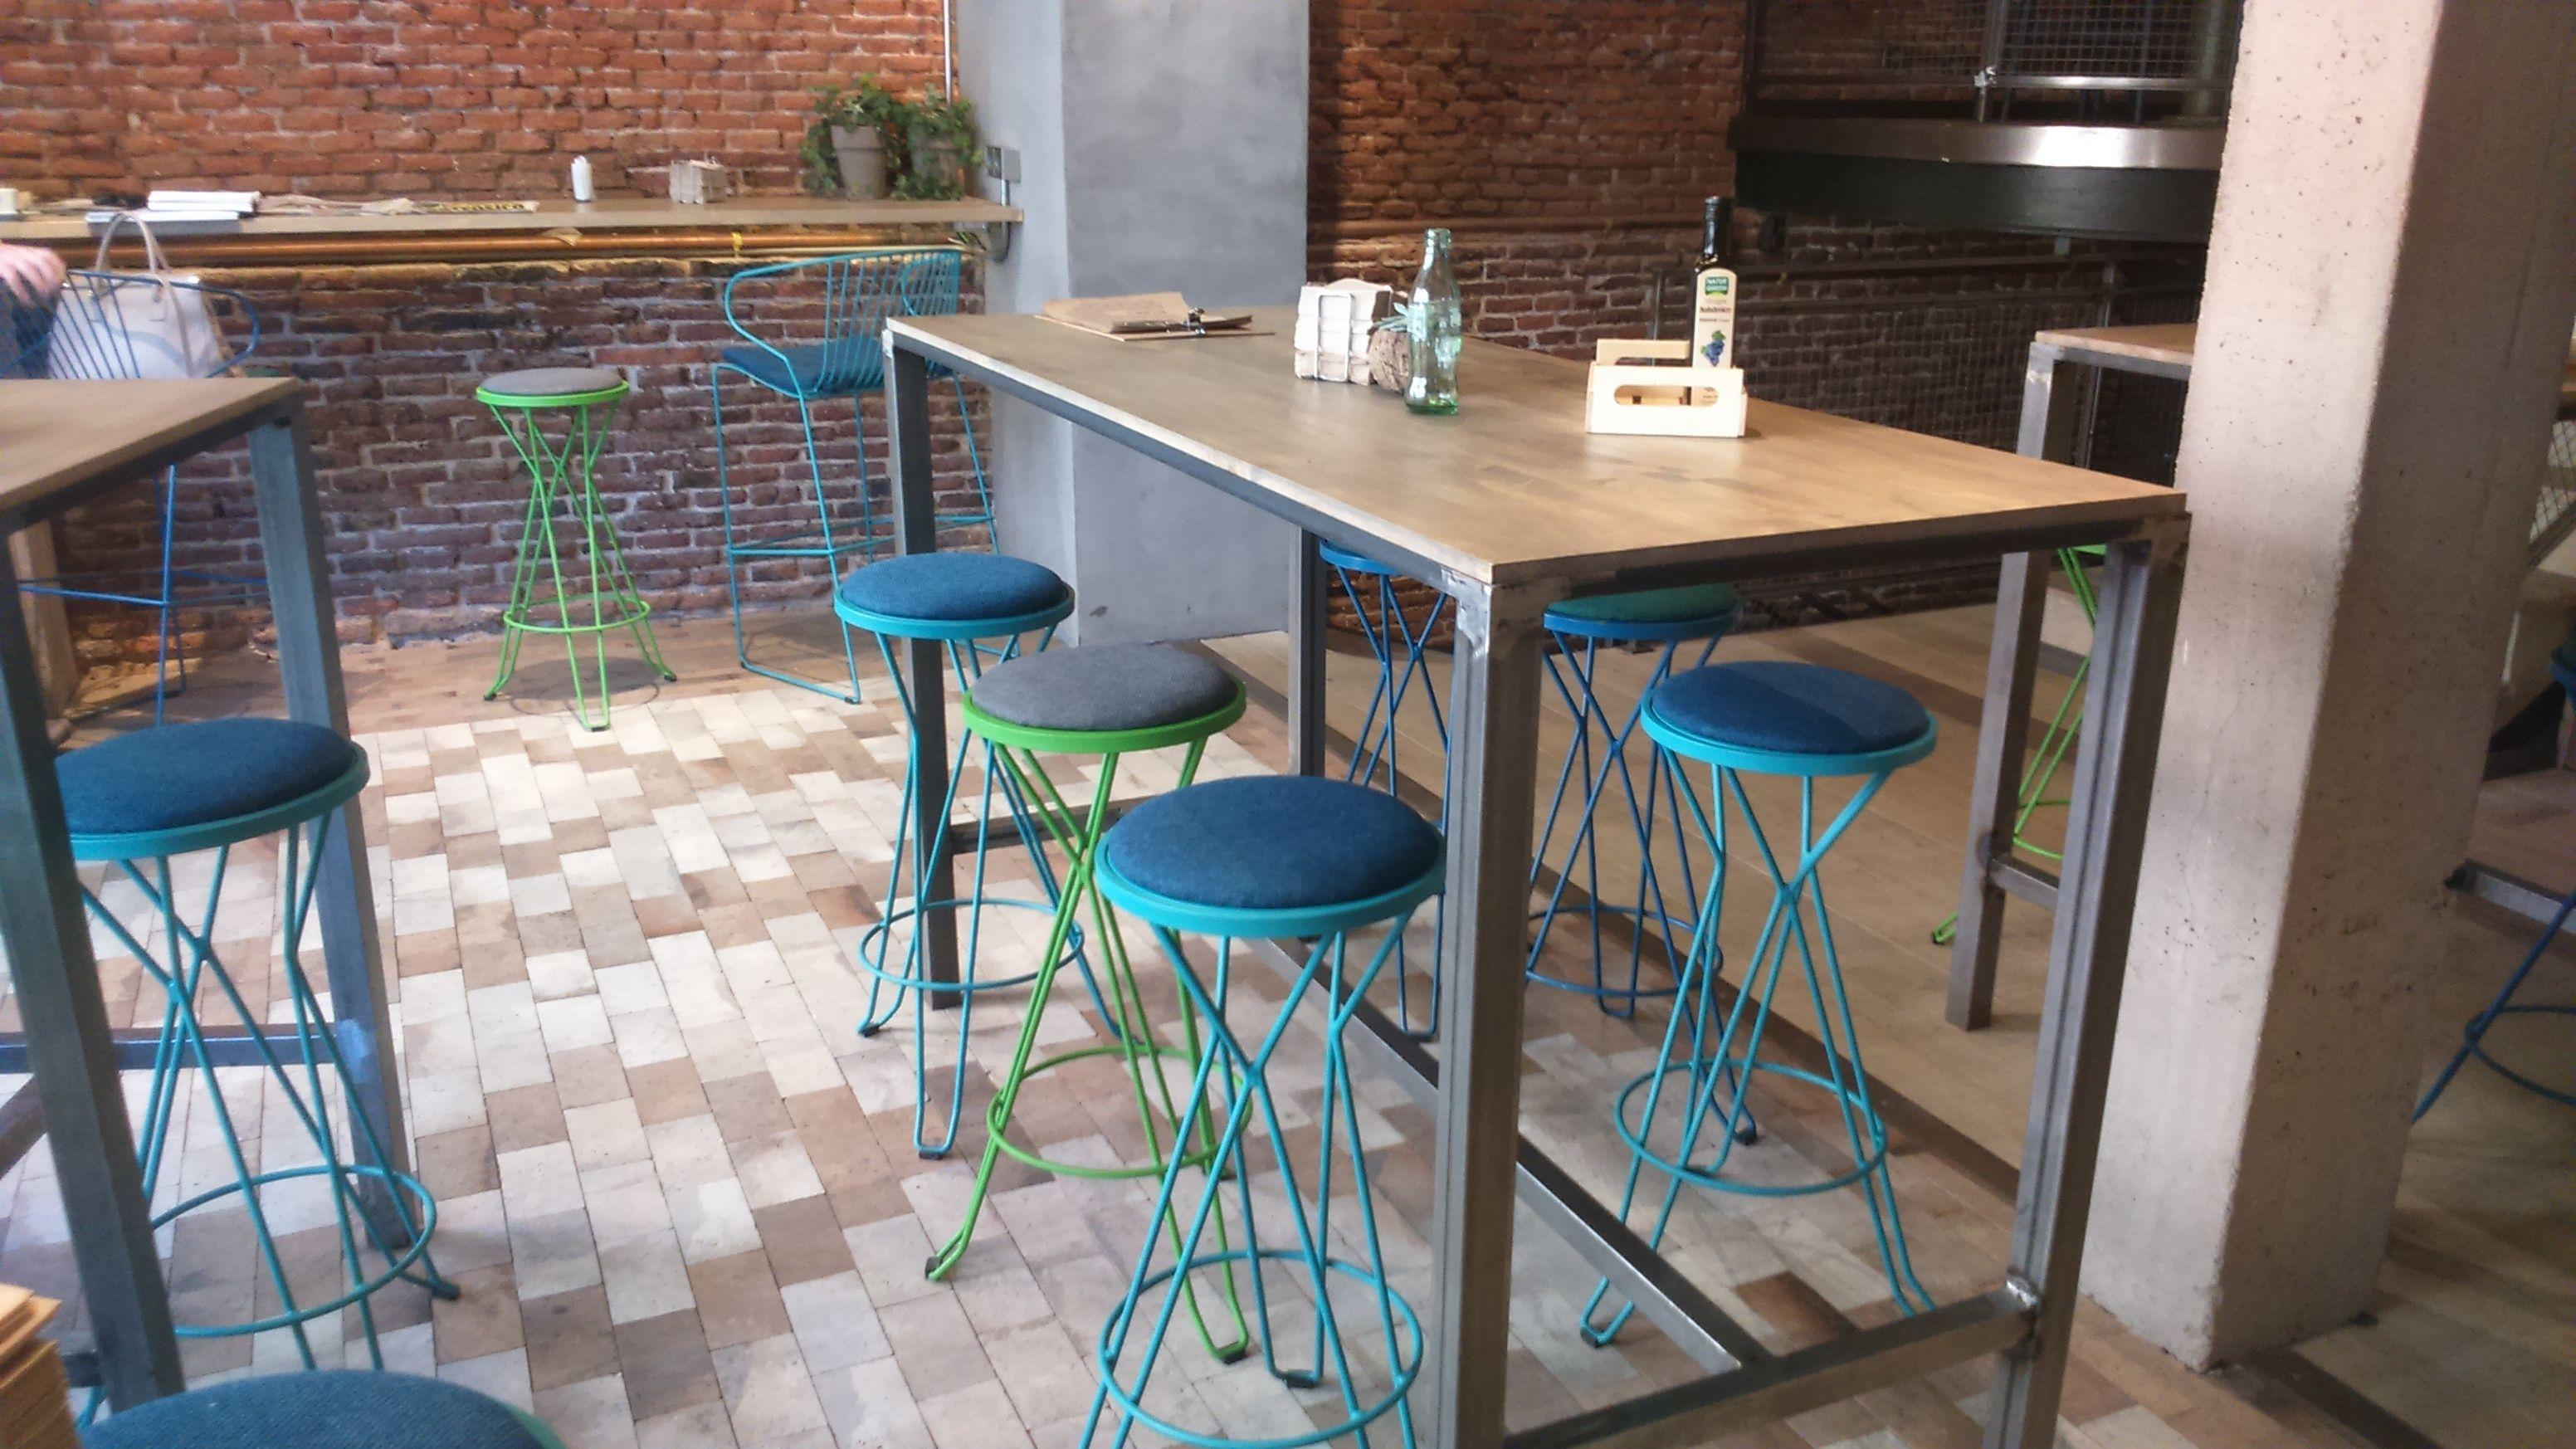 Taburetes metálicos y mesas de hierro y madera www.fustaiferro.com ...